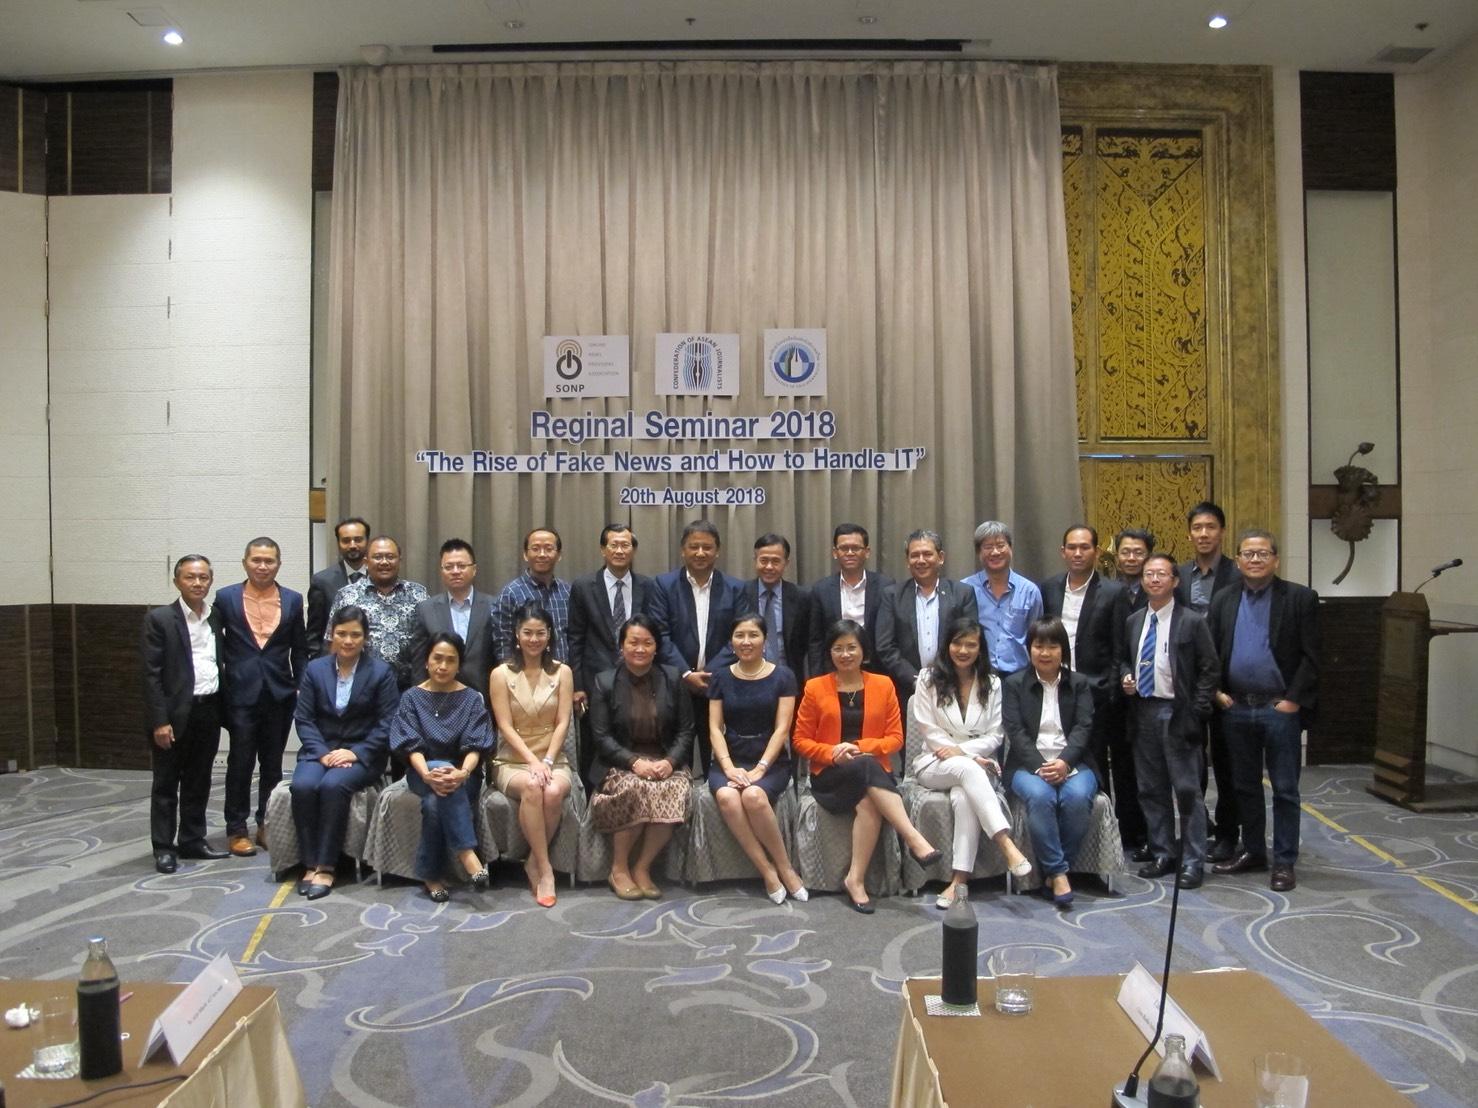 จบอย่างสวยงามงาน Regional Seminar 2018 ถกแก้ข่าวปลอม เน้นประชาชนรู้เท่าทัน